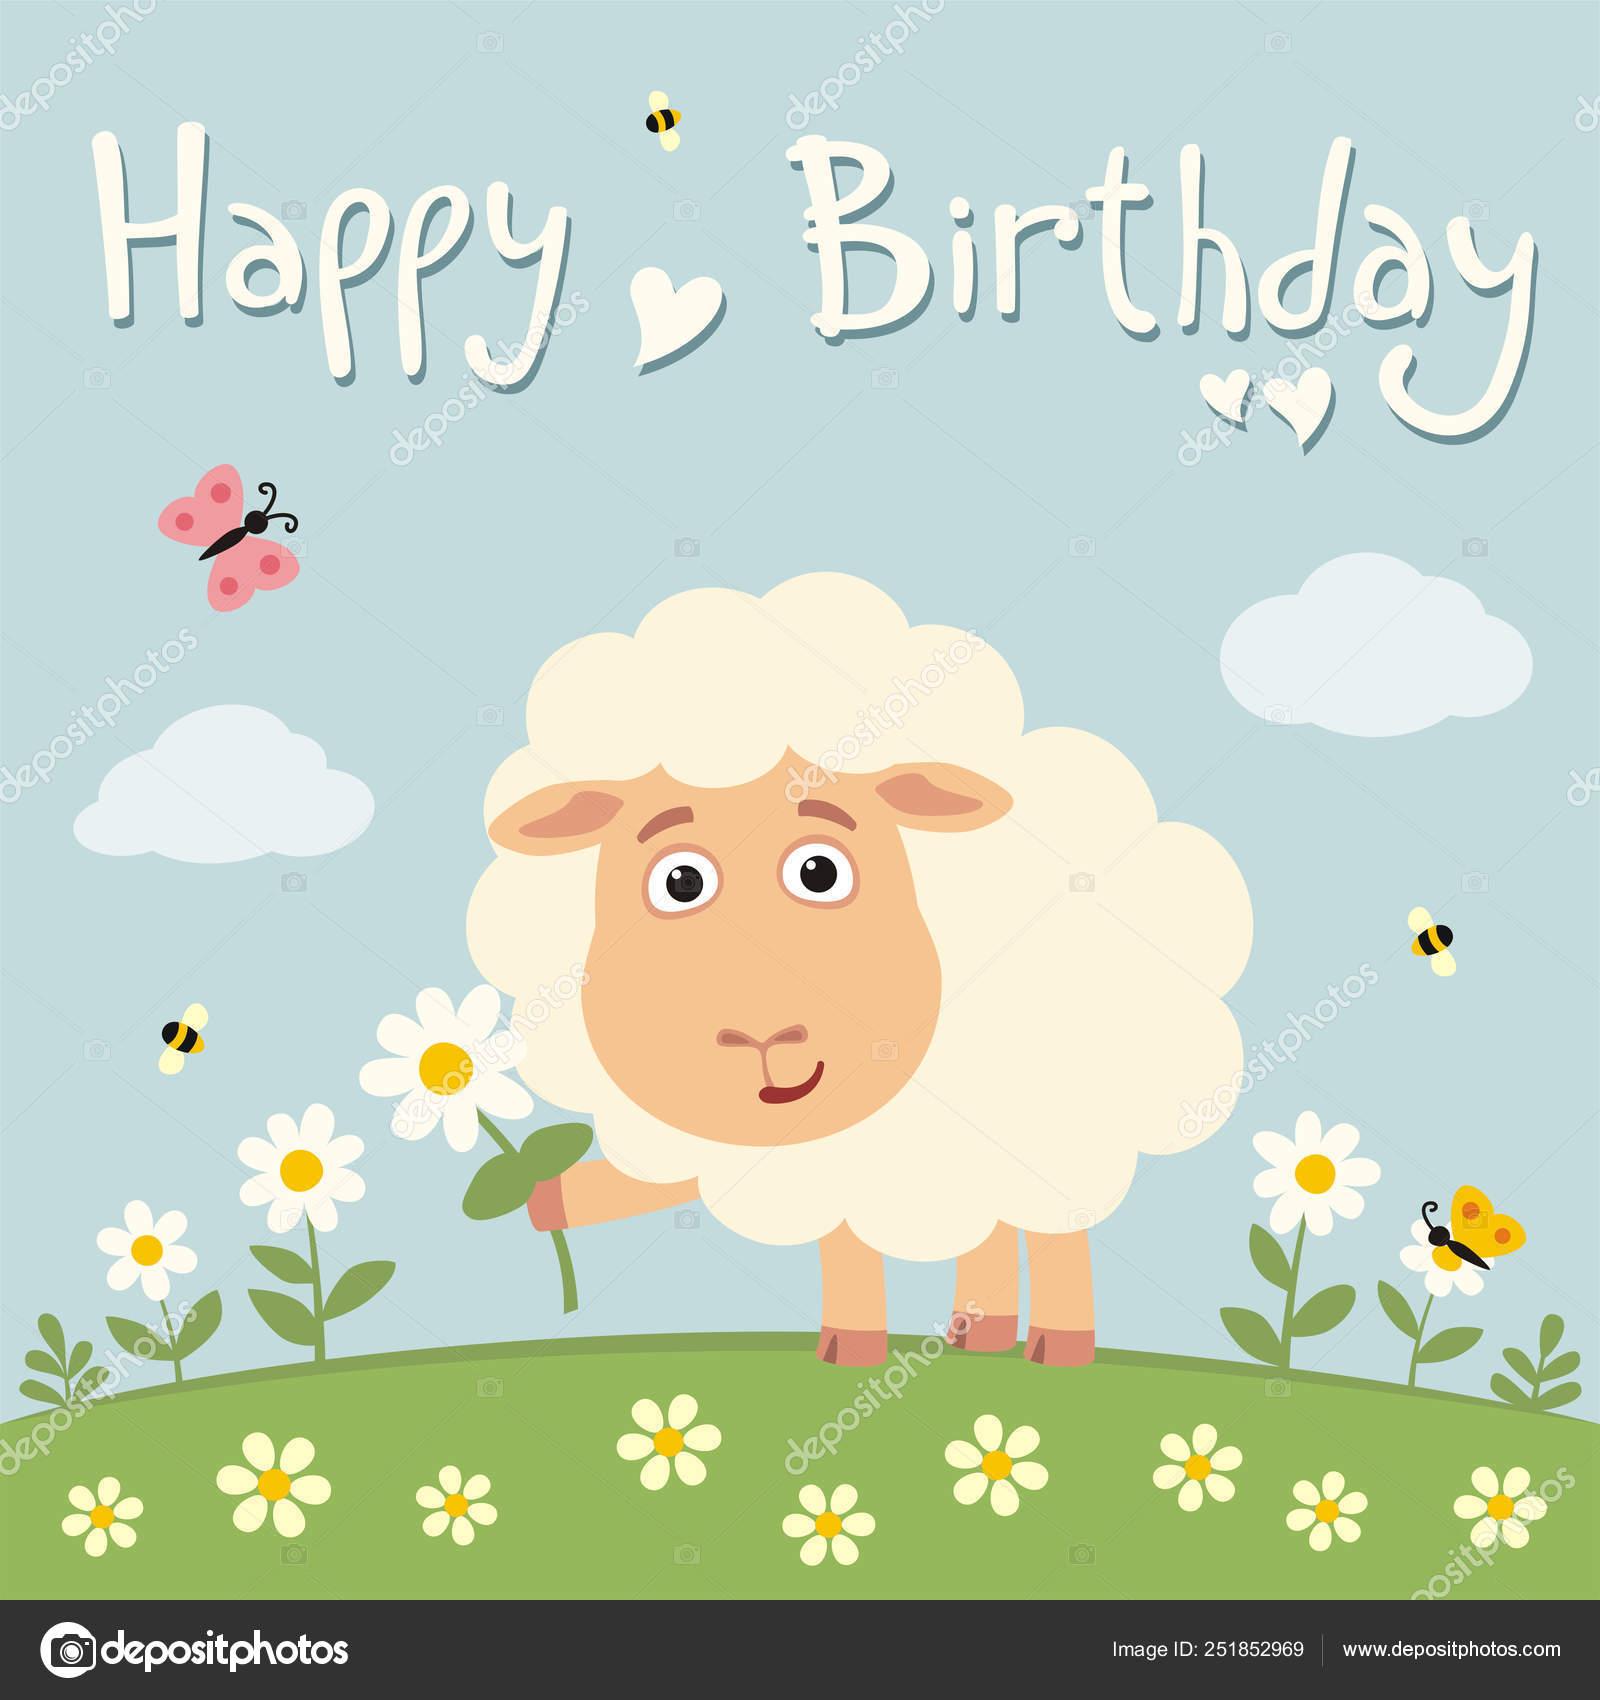 Картинка барашек день рождения она принимает